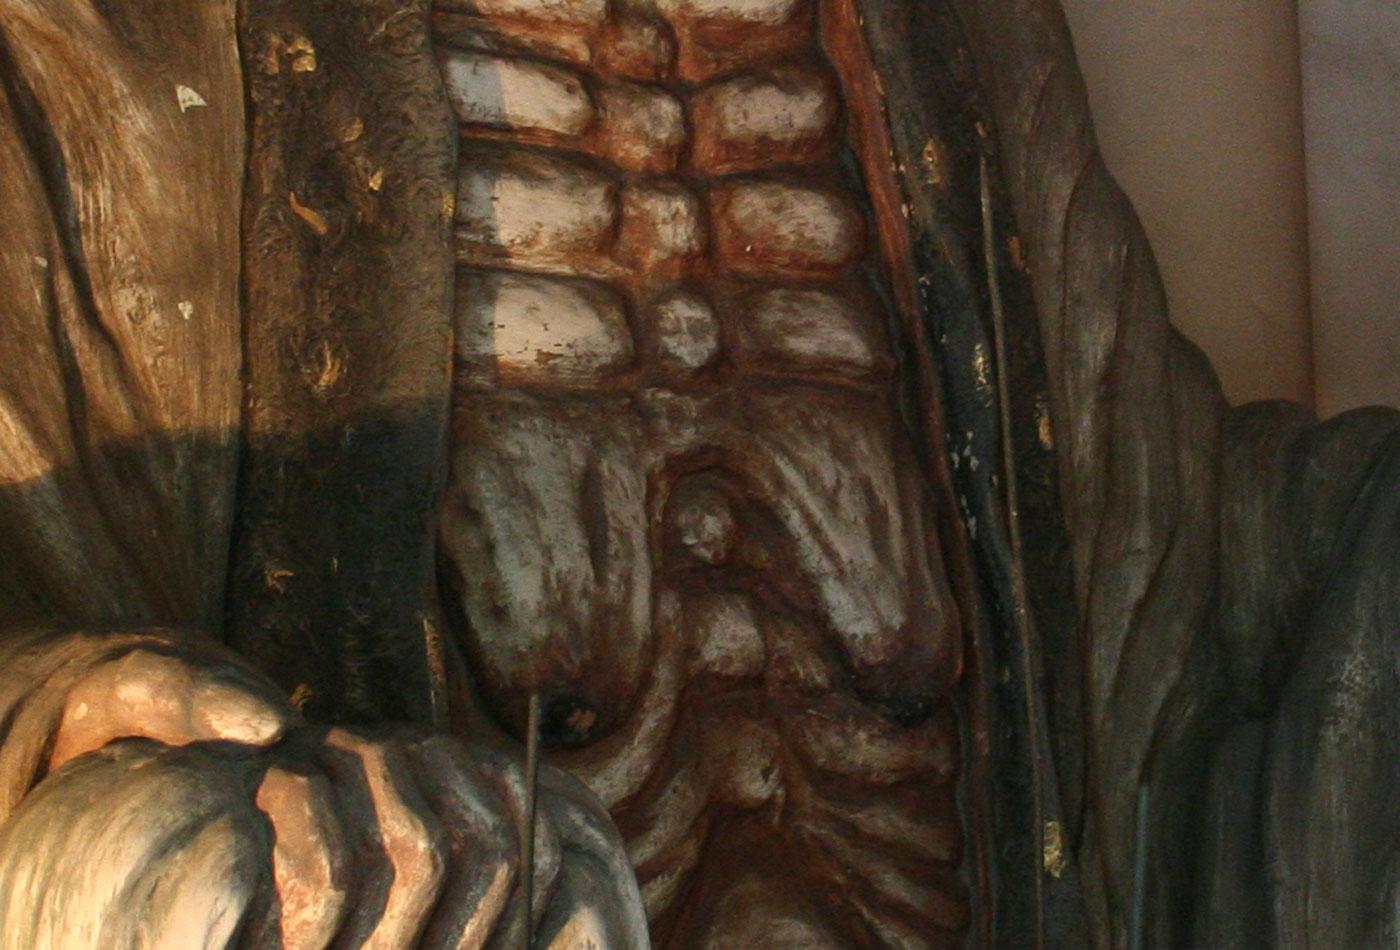 垂れ乳/奪衣婆のトレードマークは、あらわな垂れ乳。まるで子育ての勲章。